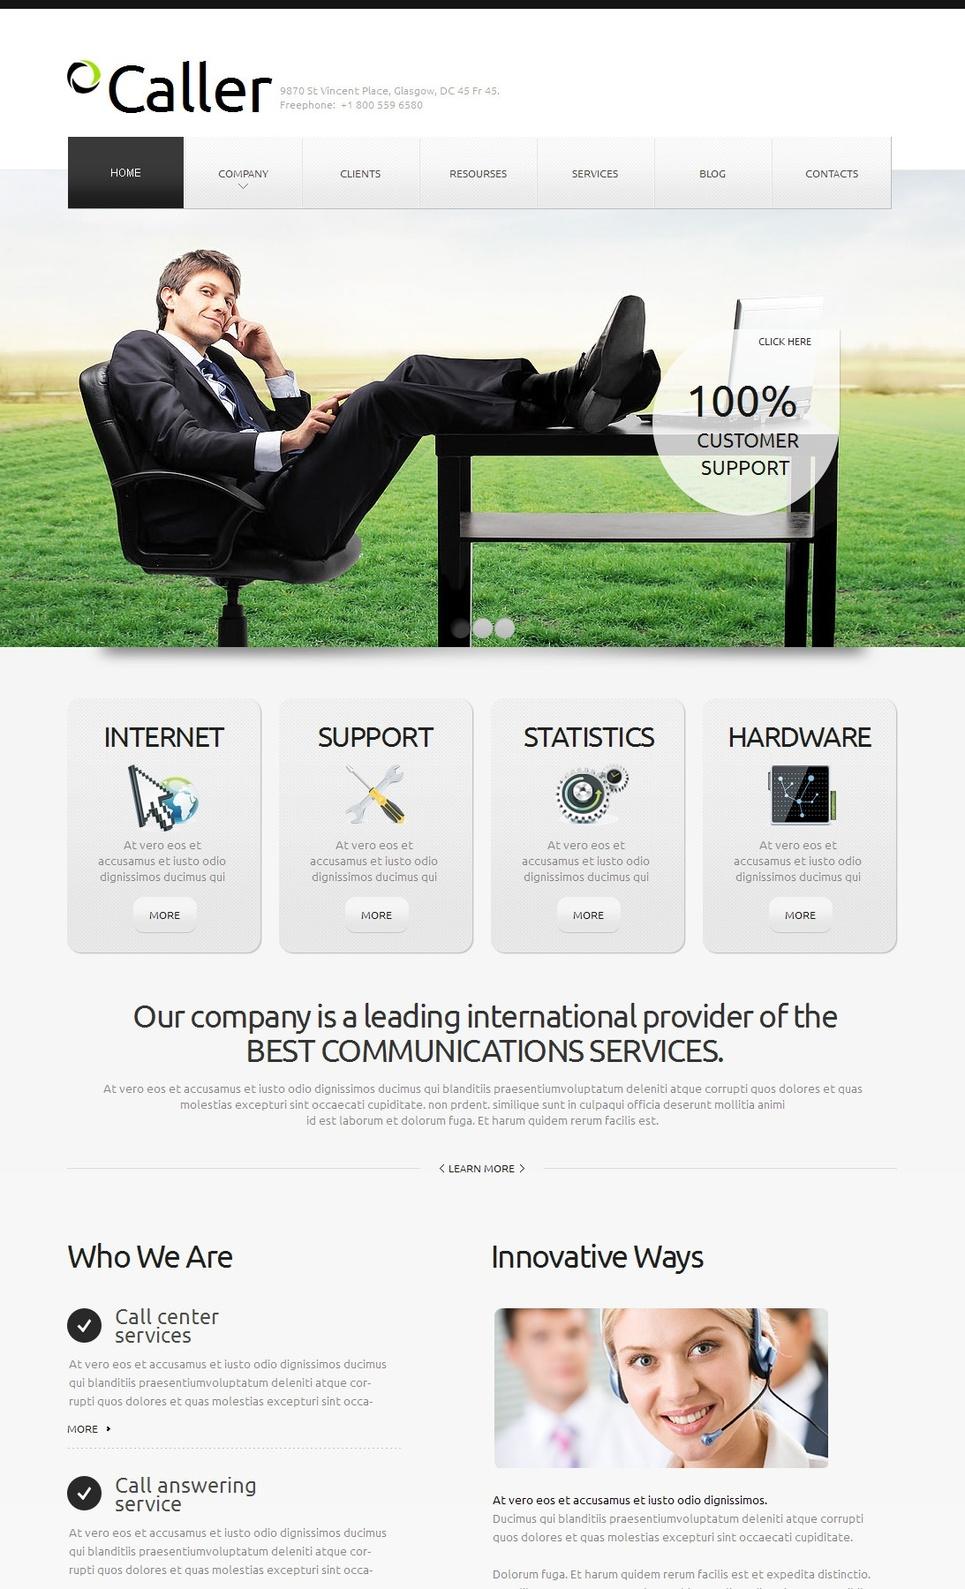 MotoCMS HTML Vorlage #42700 aus der Kategorie Kommunikation - image